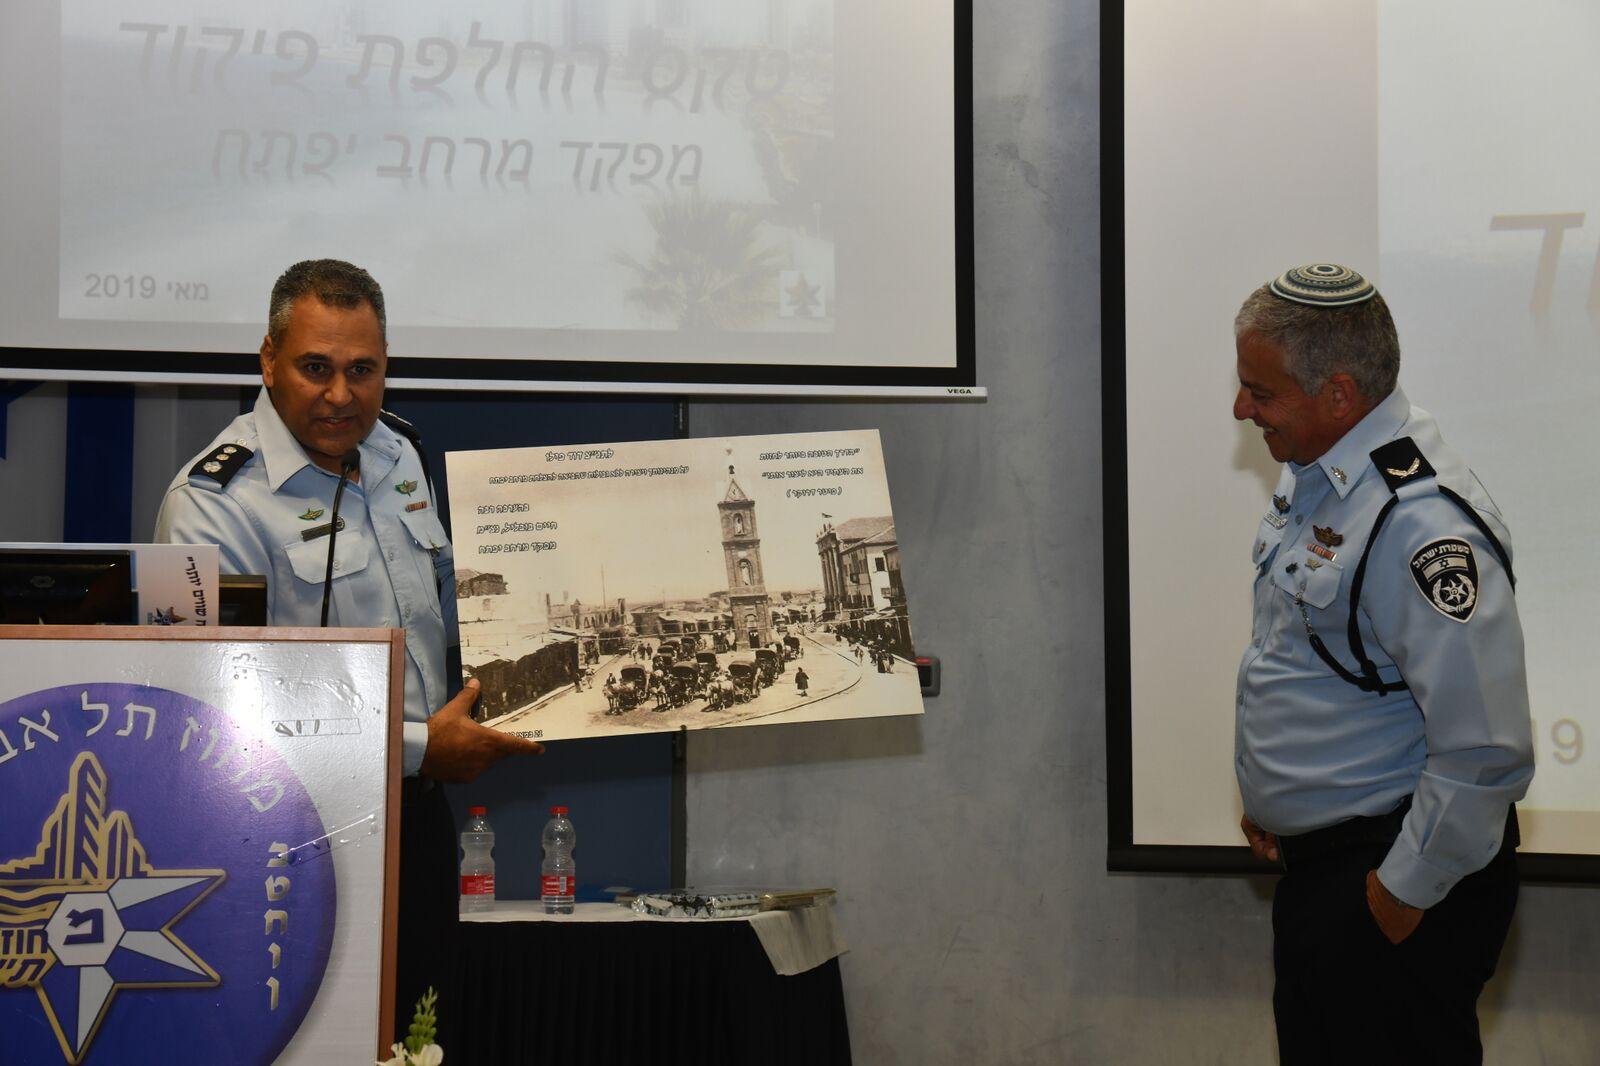 فيديو: تعيين قائد جديد للشرطة في يافا بحضور شخصيات ورجال أعمال